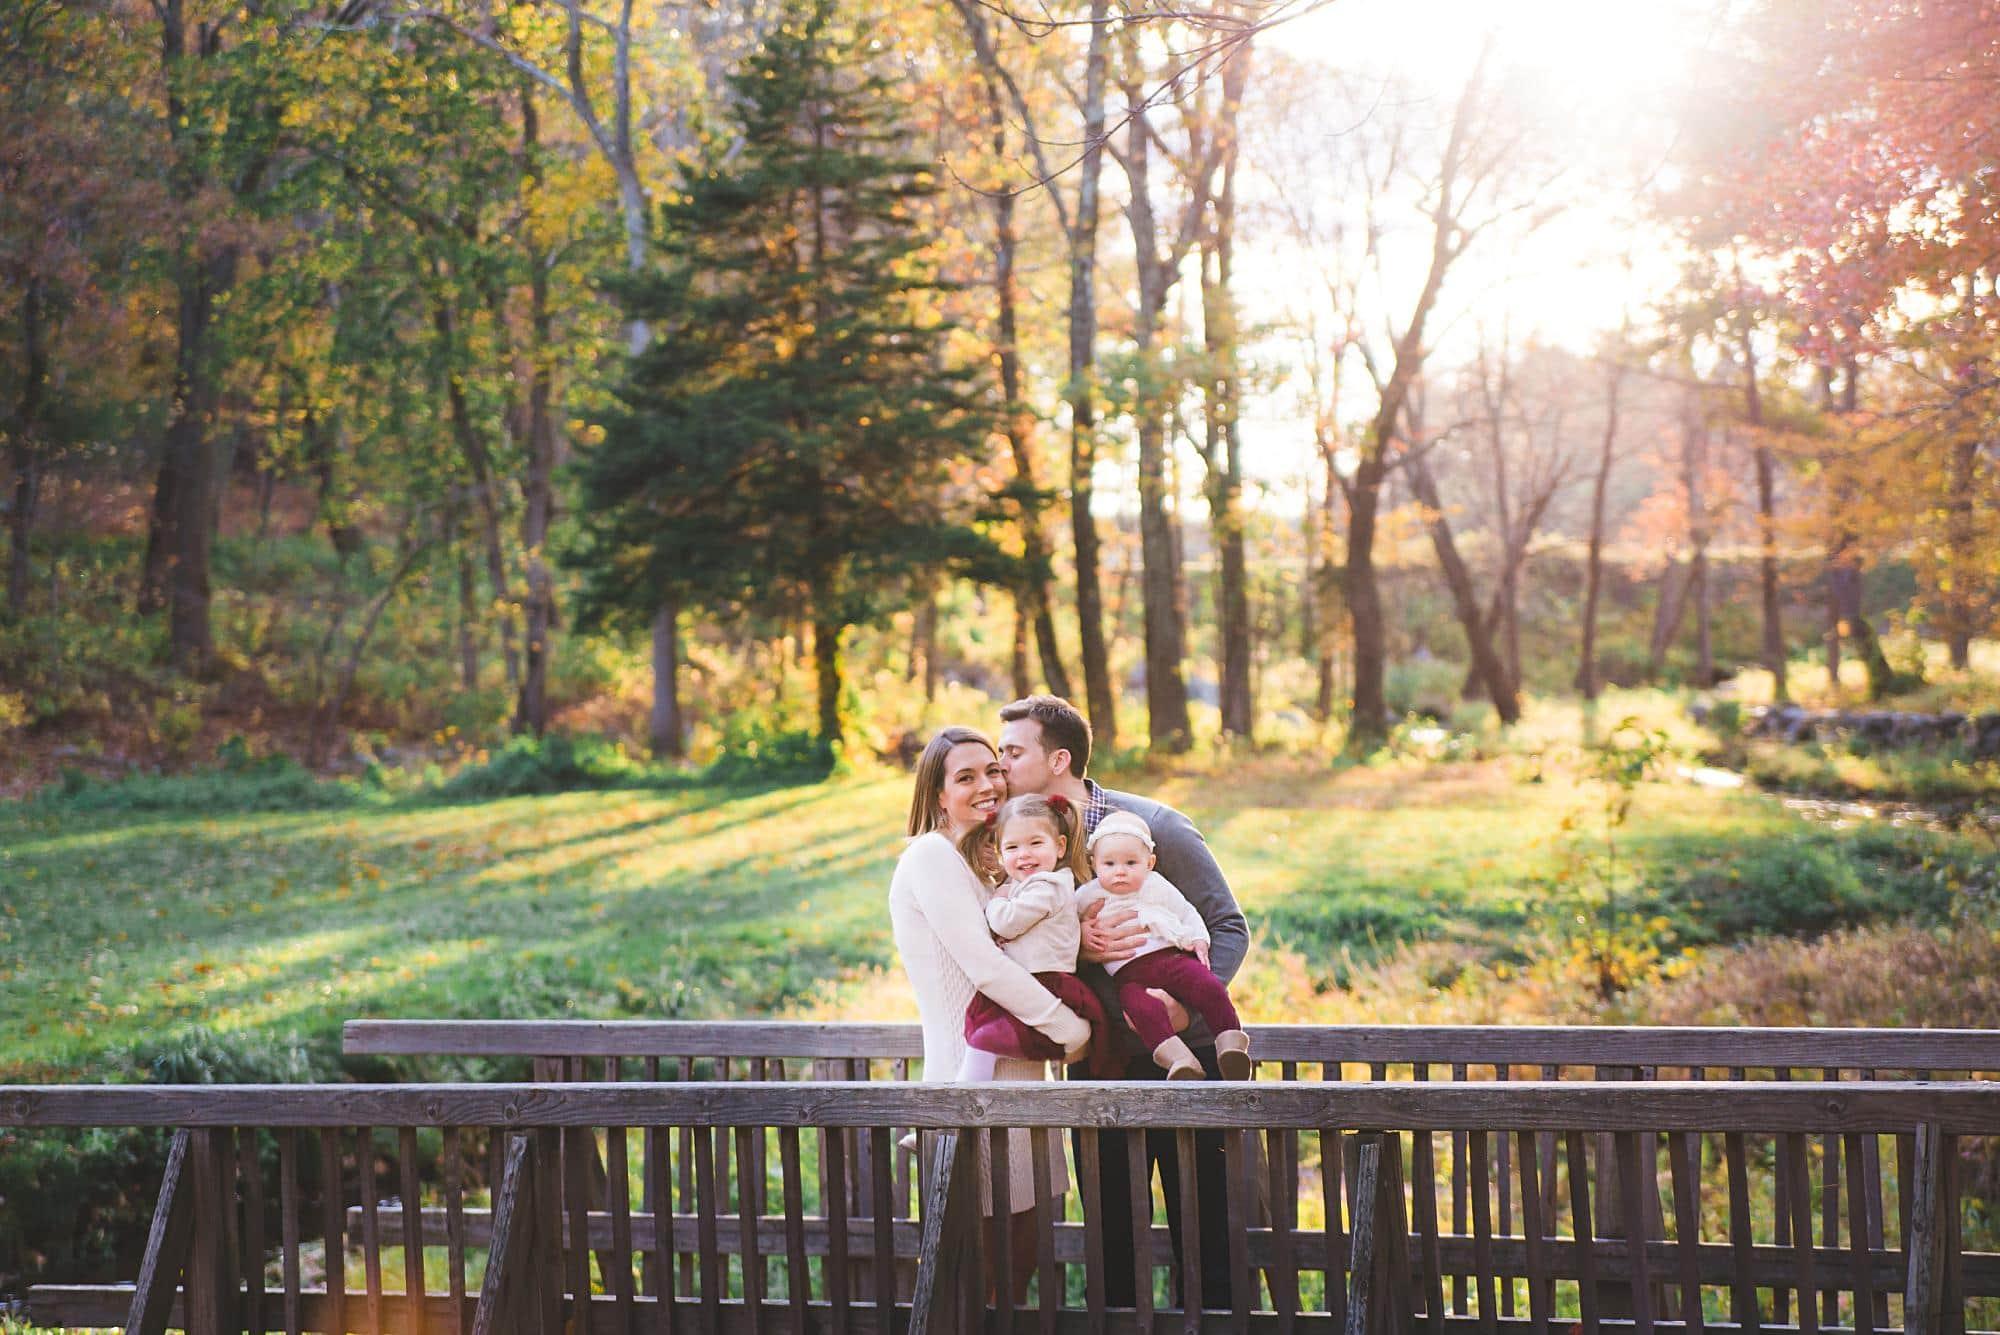 Family of 4 kissing on bridge outside Wayside Inn Grist Mill